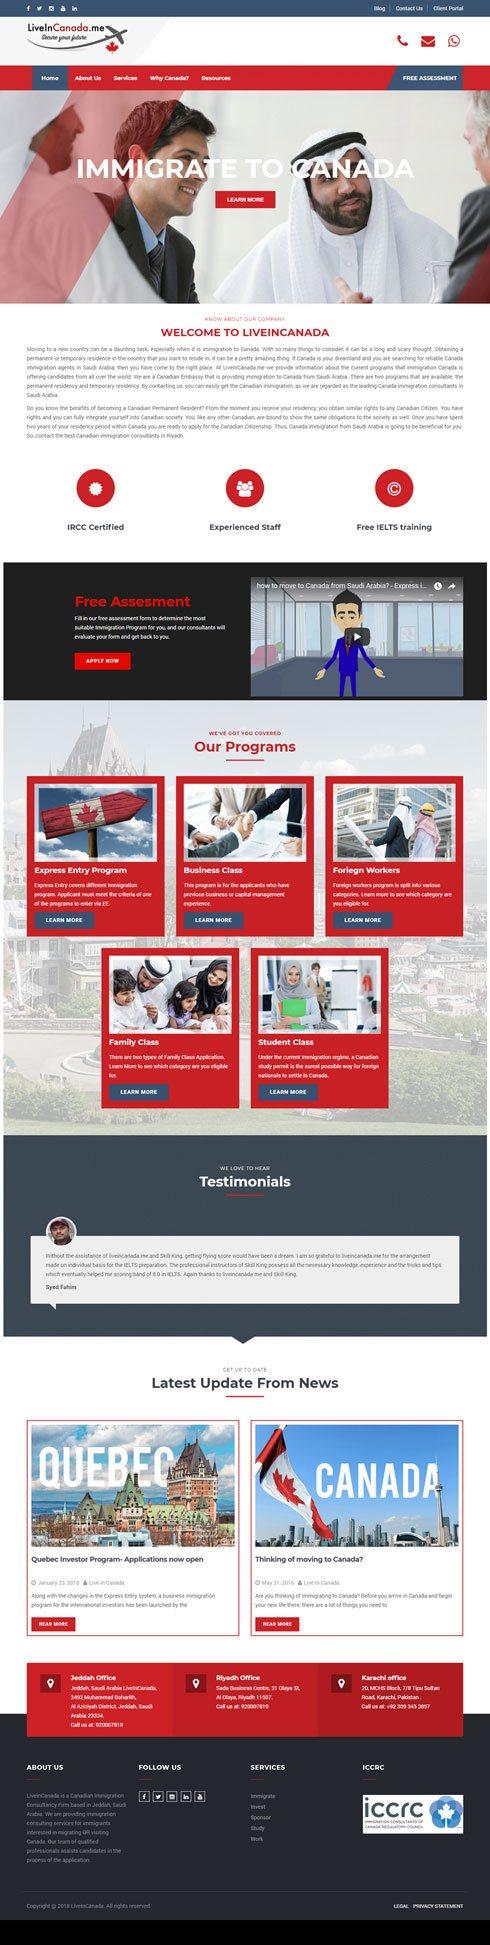 LiveInCanada.me Saudi Arabia Web Design